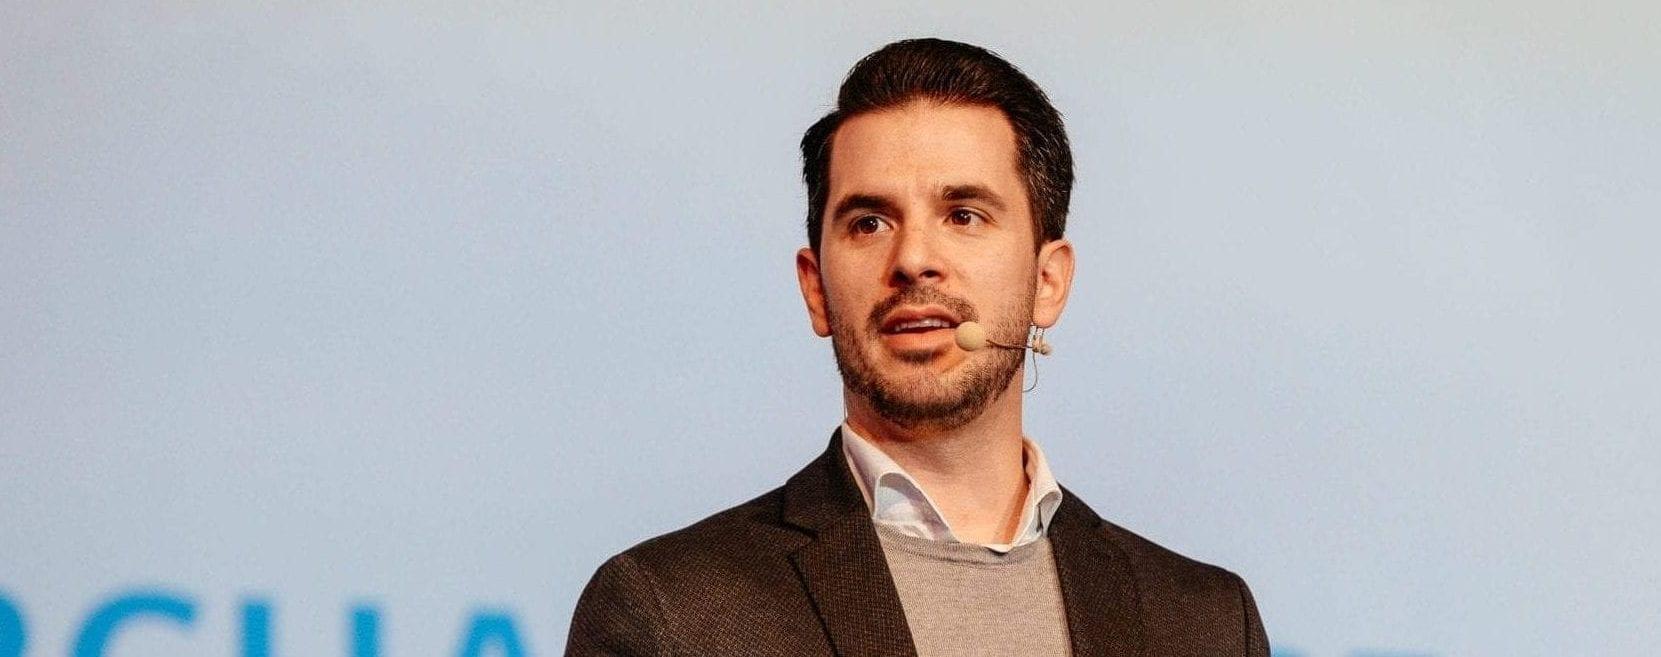 5 Jahre LOBECO - Interview zum Firmenjubiläum